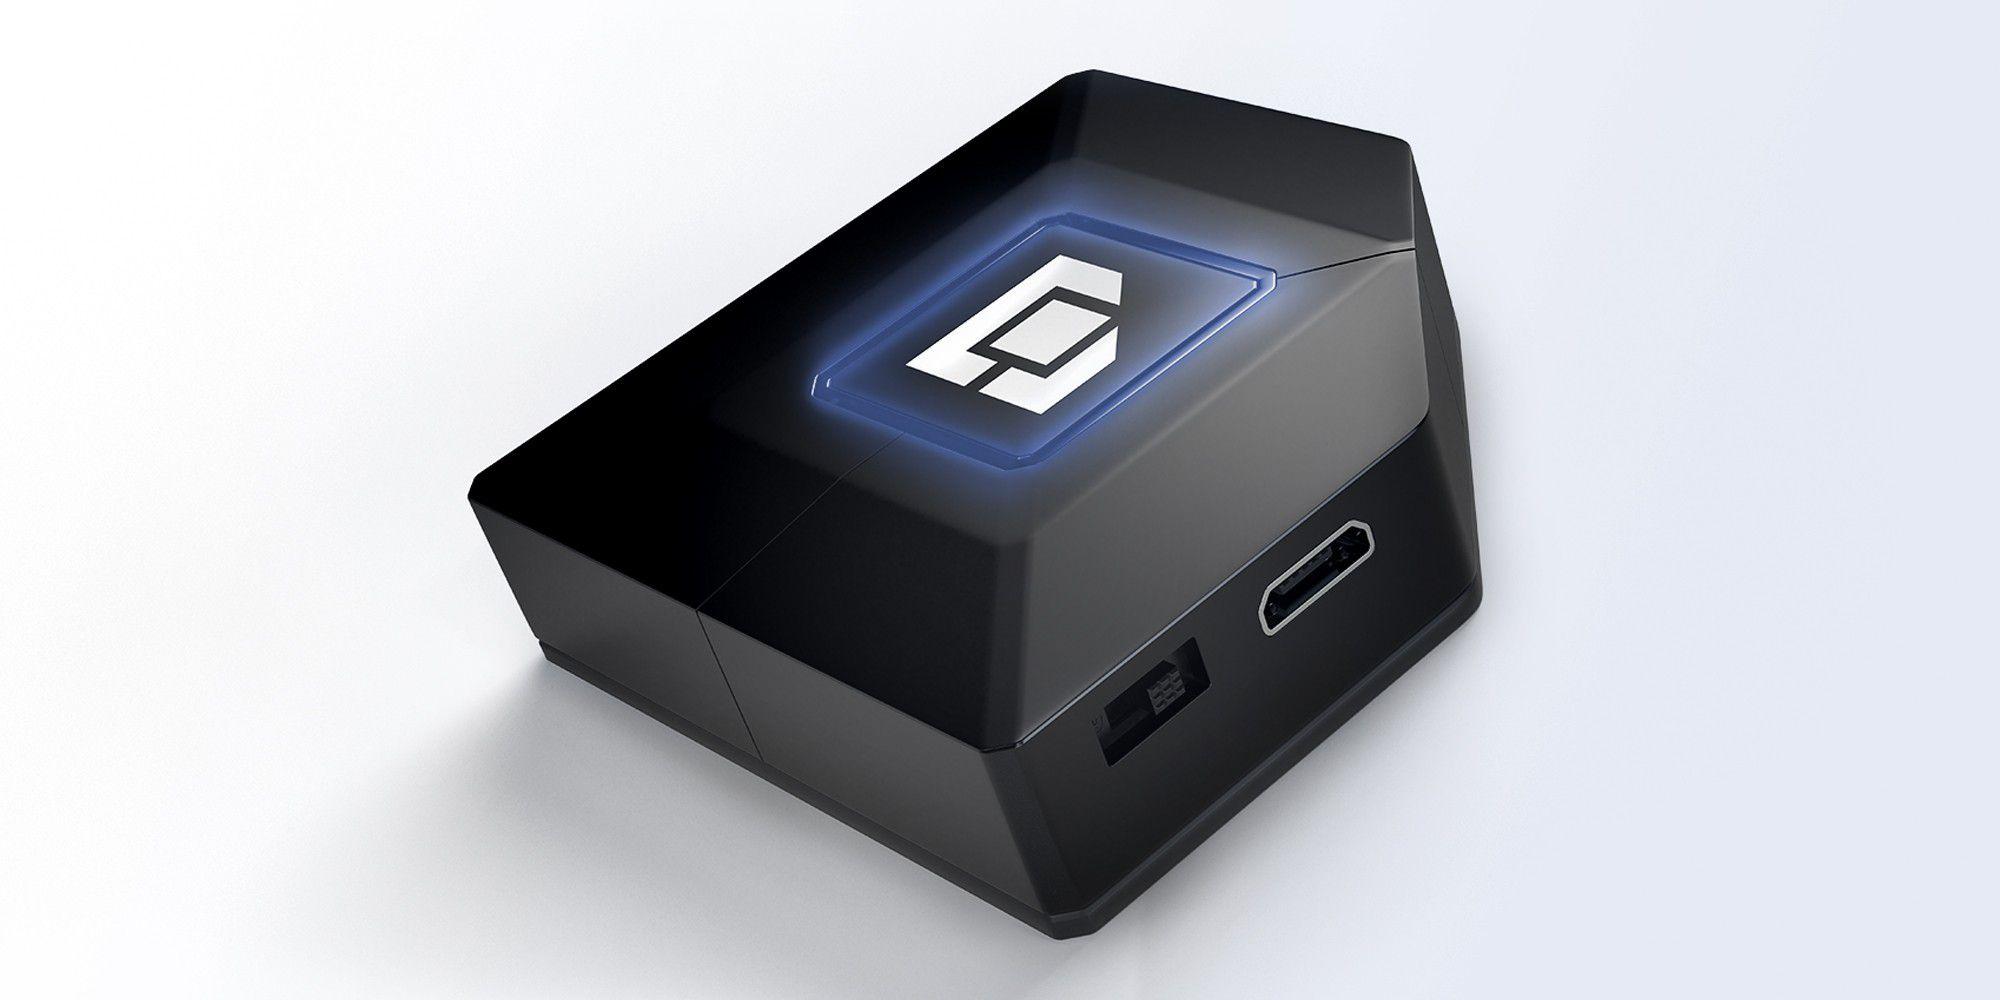 bcon wearable im praxis test erstes gaming eingabeger t. Black Bedroom Furniture Sets. Home Design Ideas